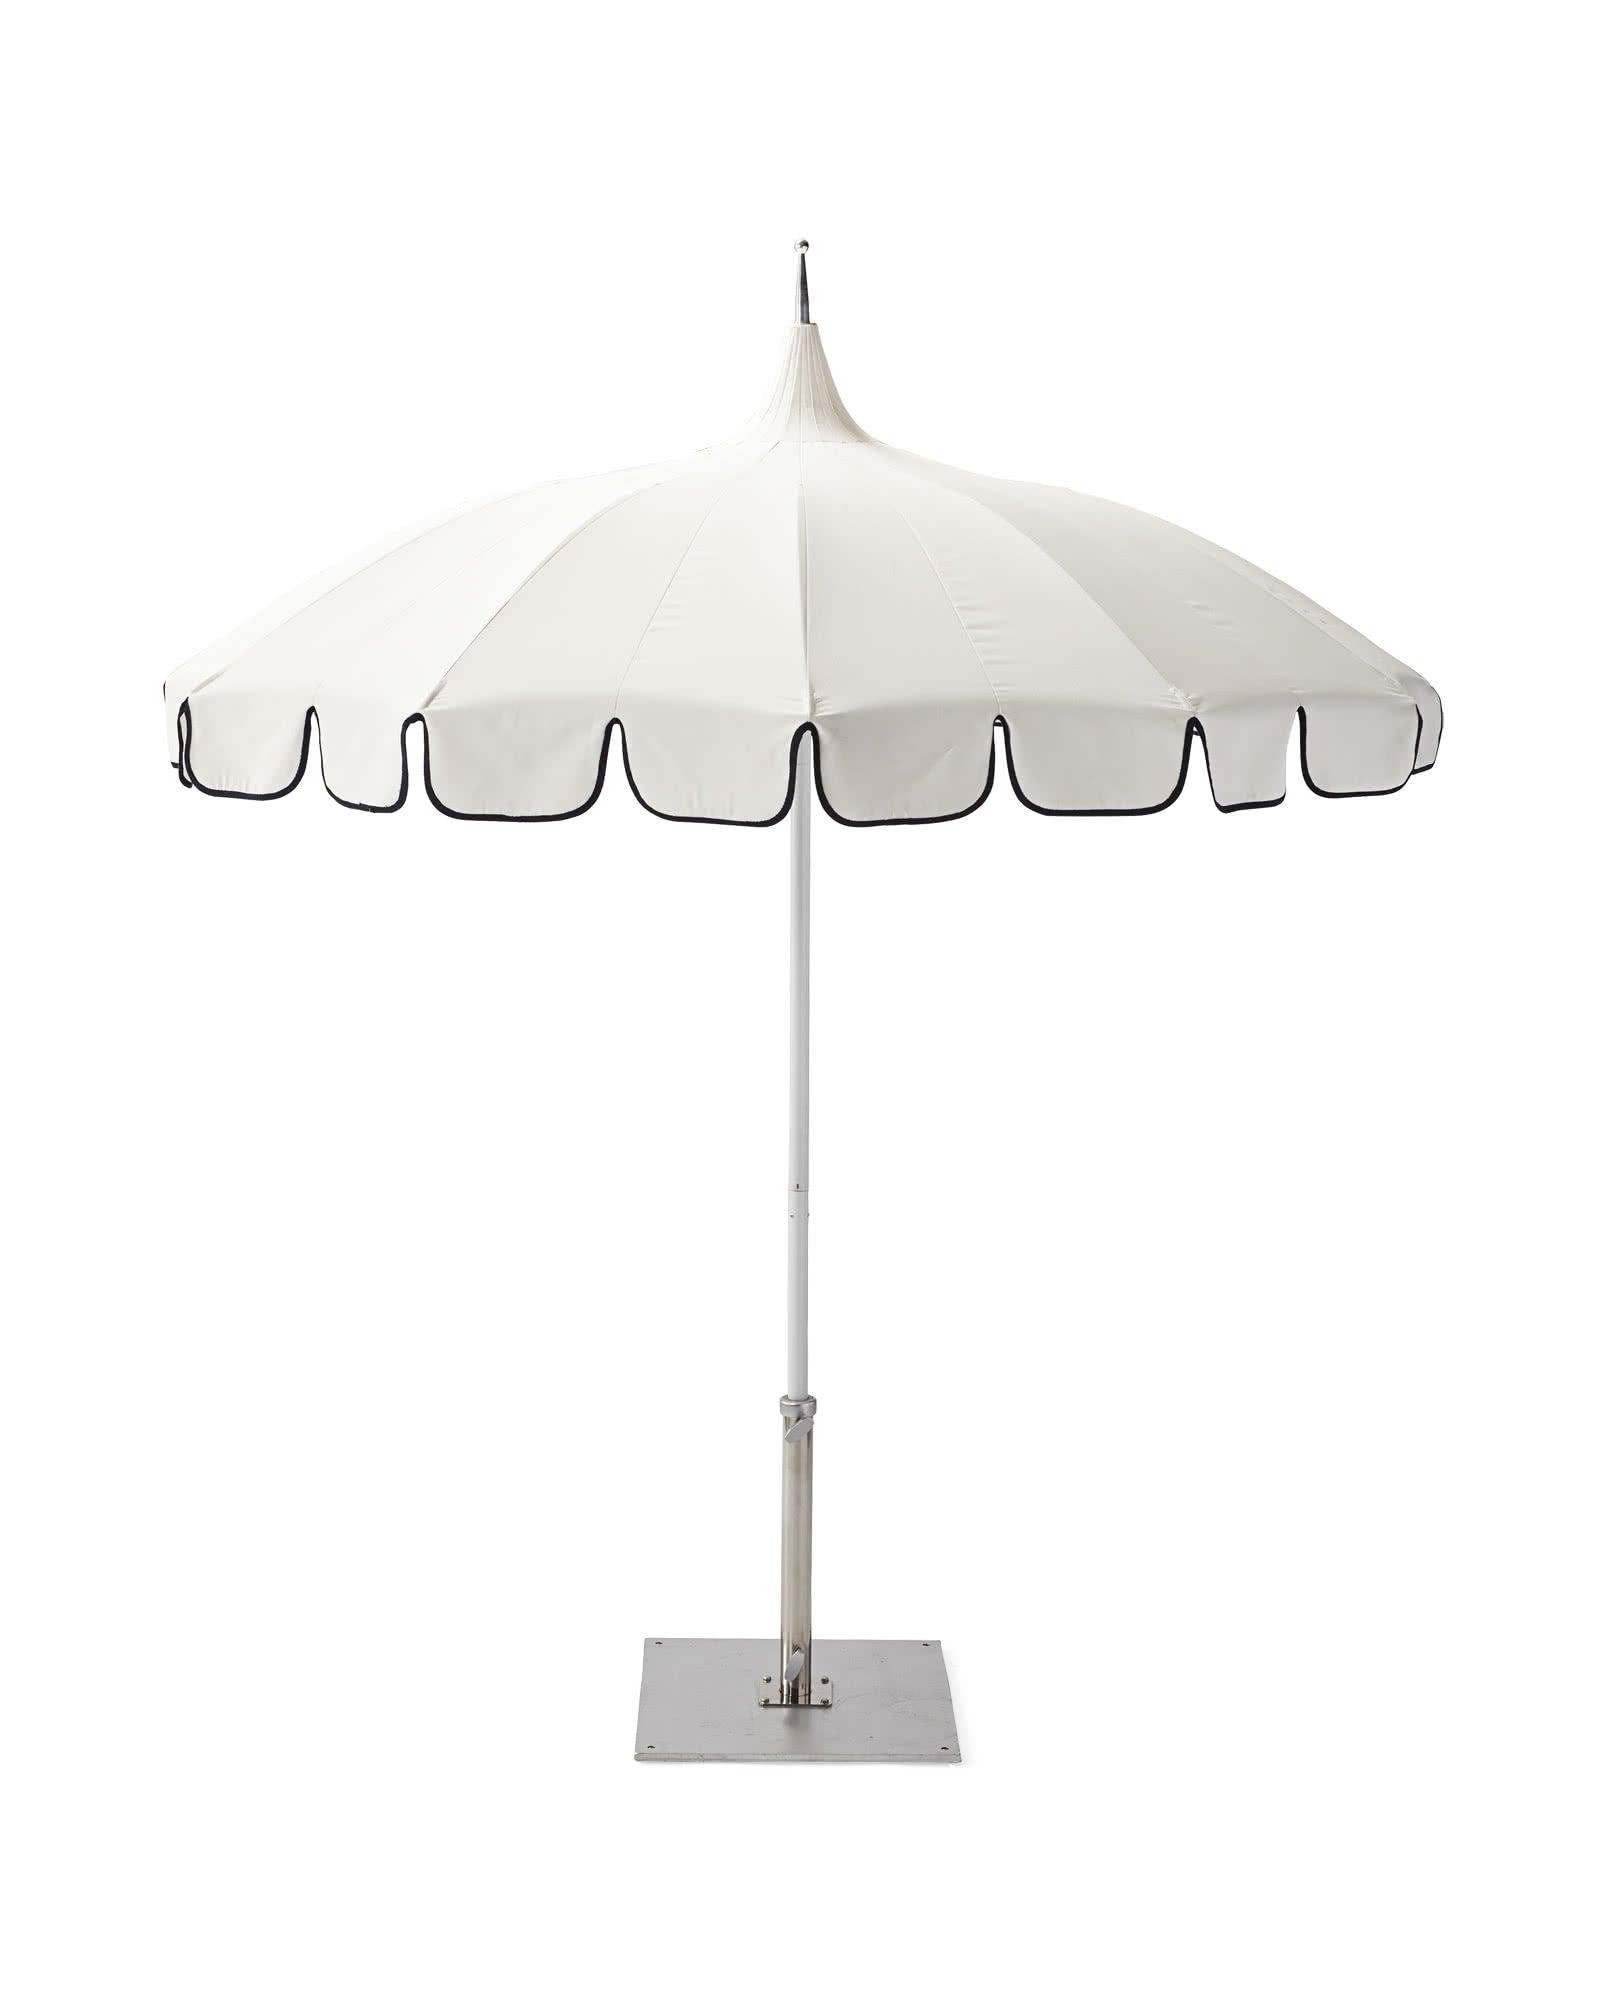 Umbrella_Eastport_White_Navy_Trim_MV_Crop_SH